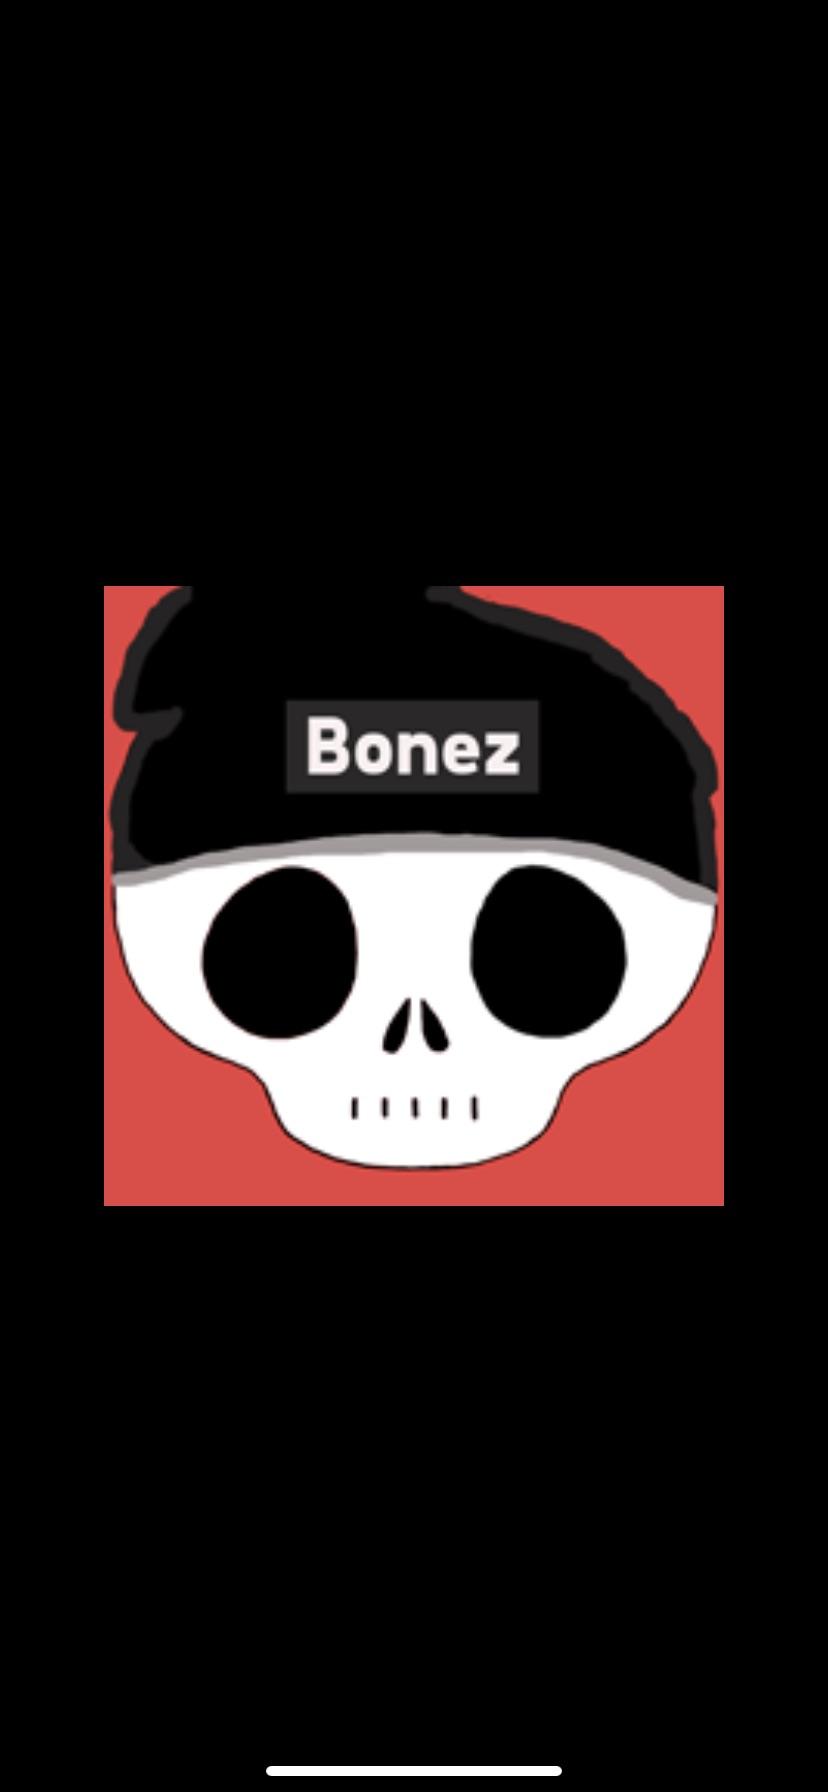 The boniez shop